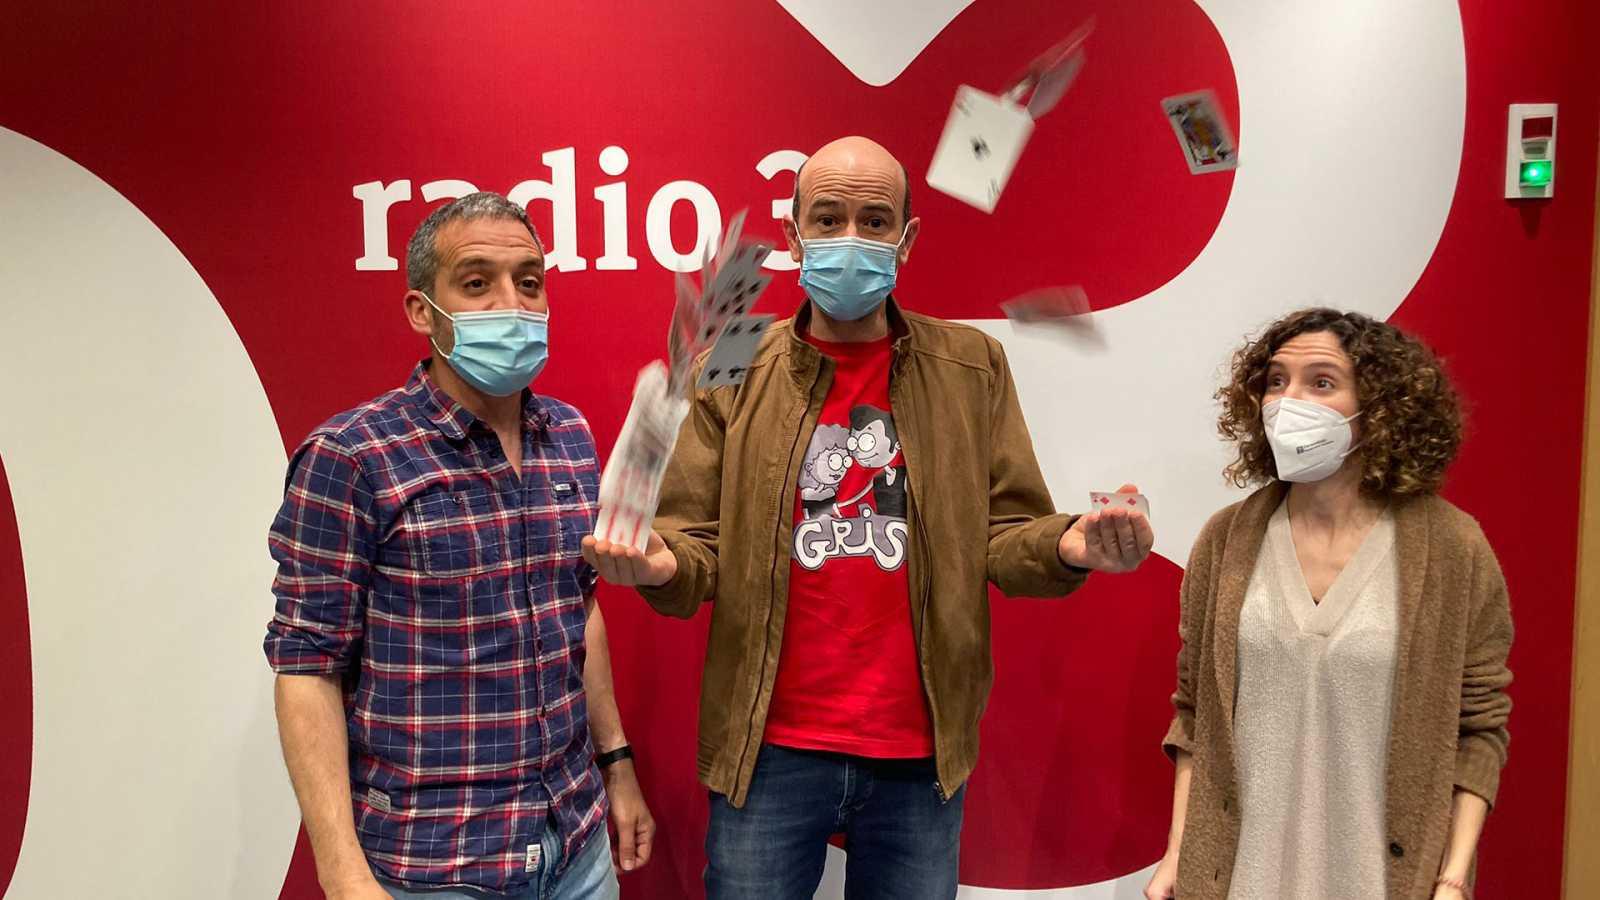 Hoy empieza todo con Ángel Carmona - Sebas Rubín, Mago Jandro y Lisasinson - 19/04/21 - escuchar ahora